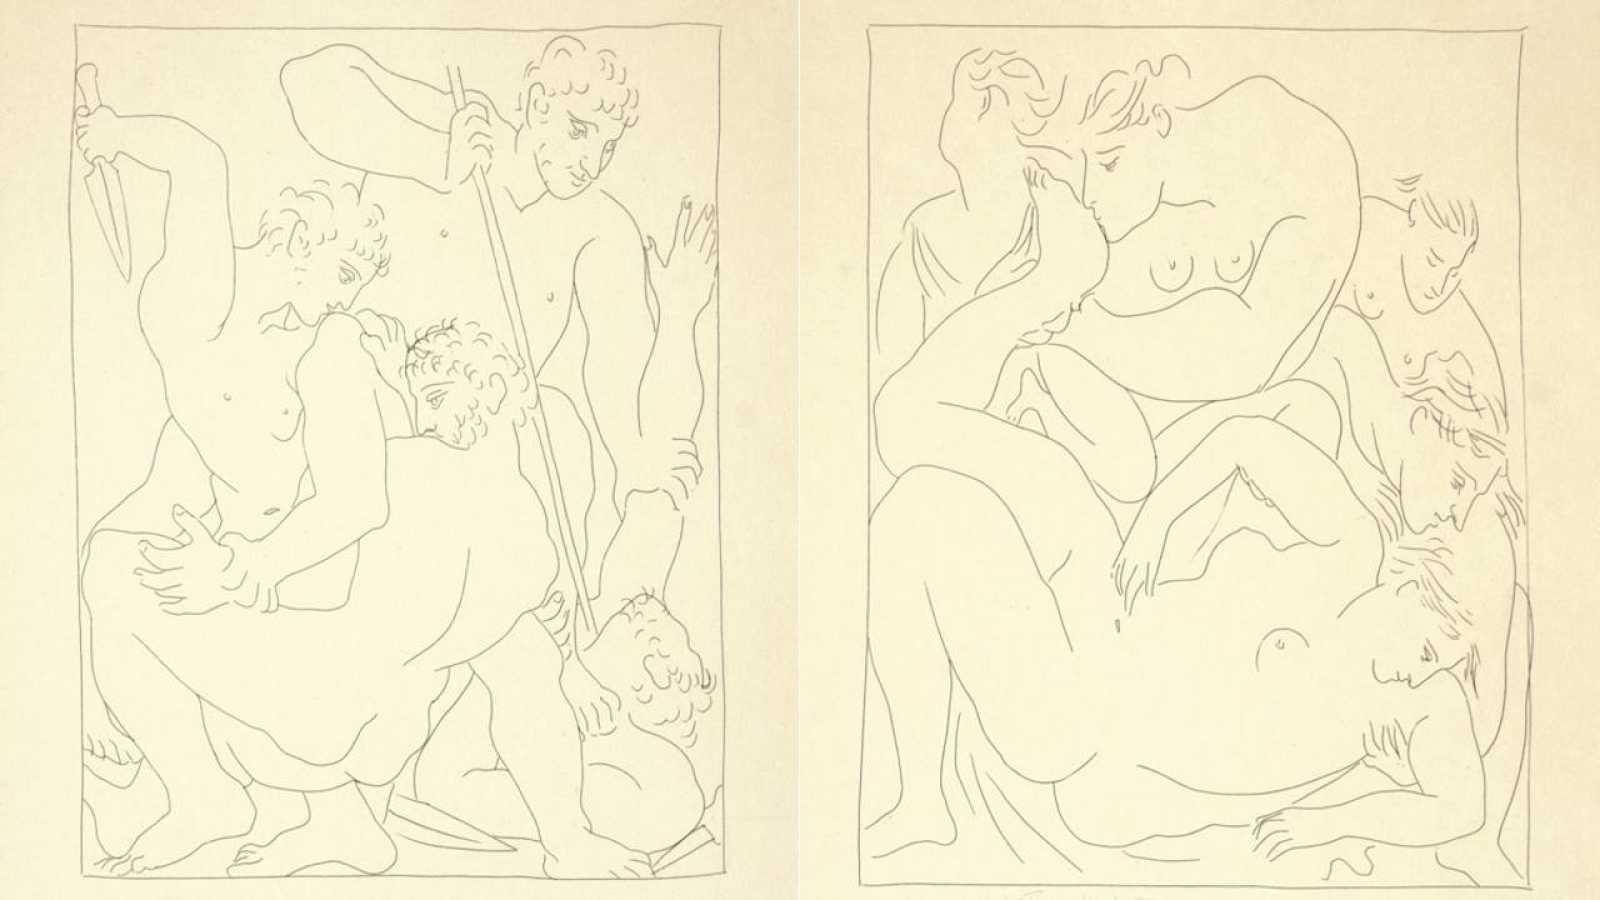 Dos de los aguafuertes de Picasso para ilustrar 'Las metamorfosis' de Ovidio.